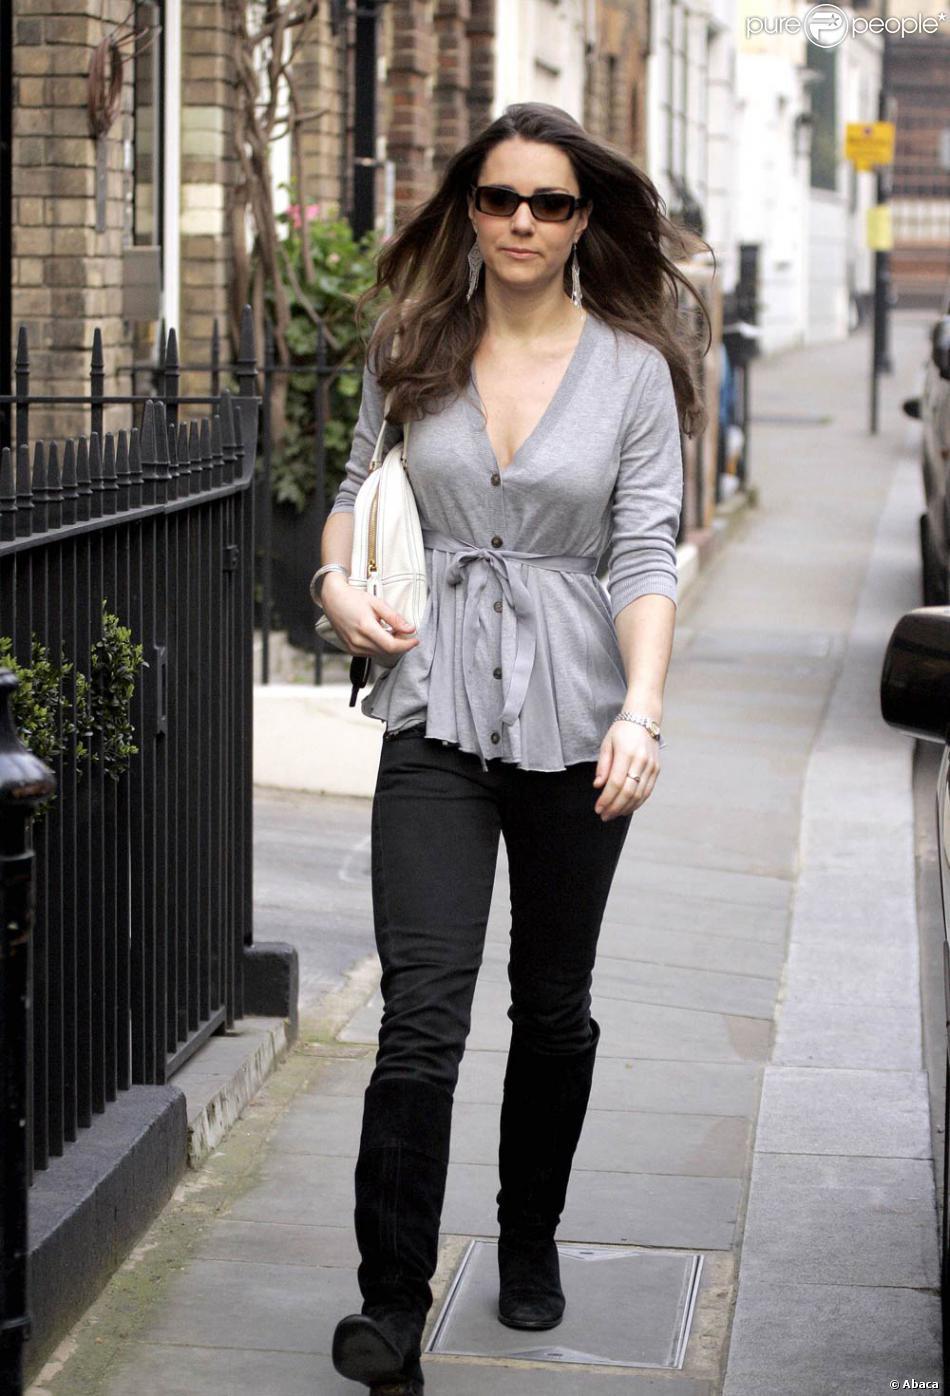 gilet ample jean et bottes plates kate middleton la joue casual pour arpenter les rues. Black Bedroom Furniture Sets. Home Design Ideas